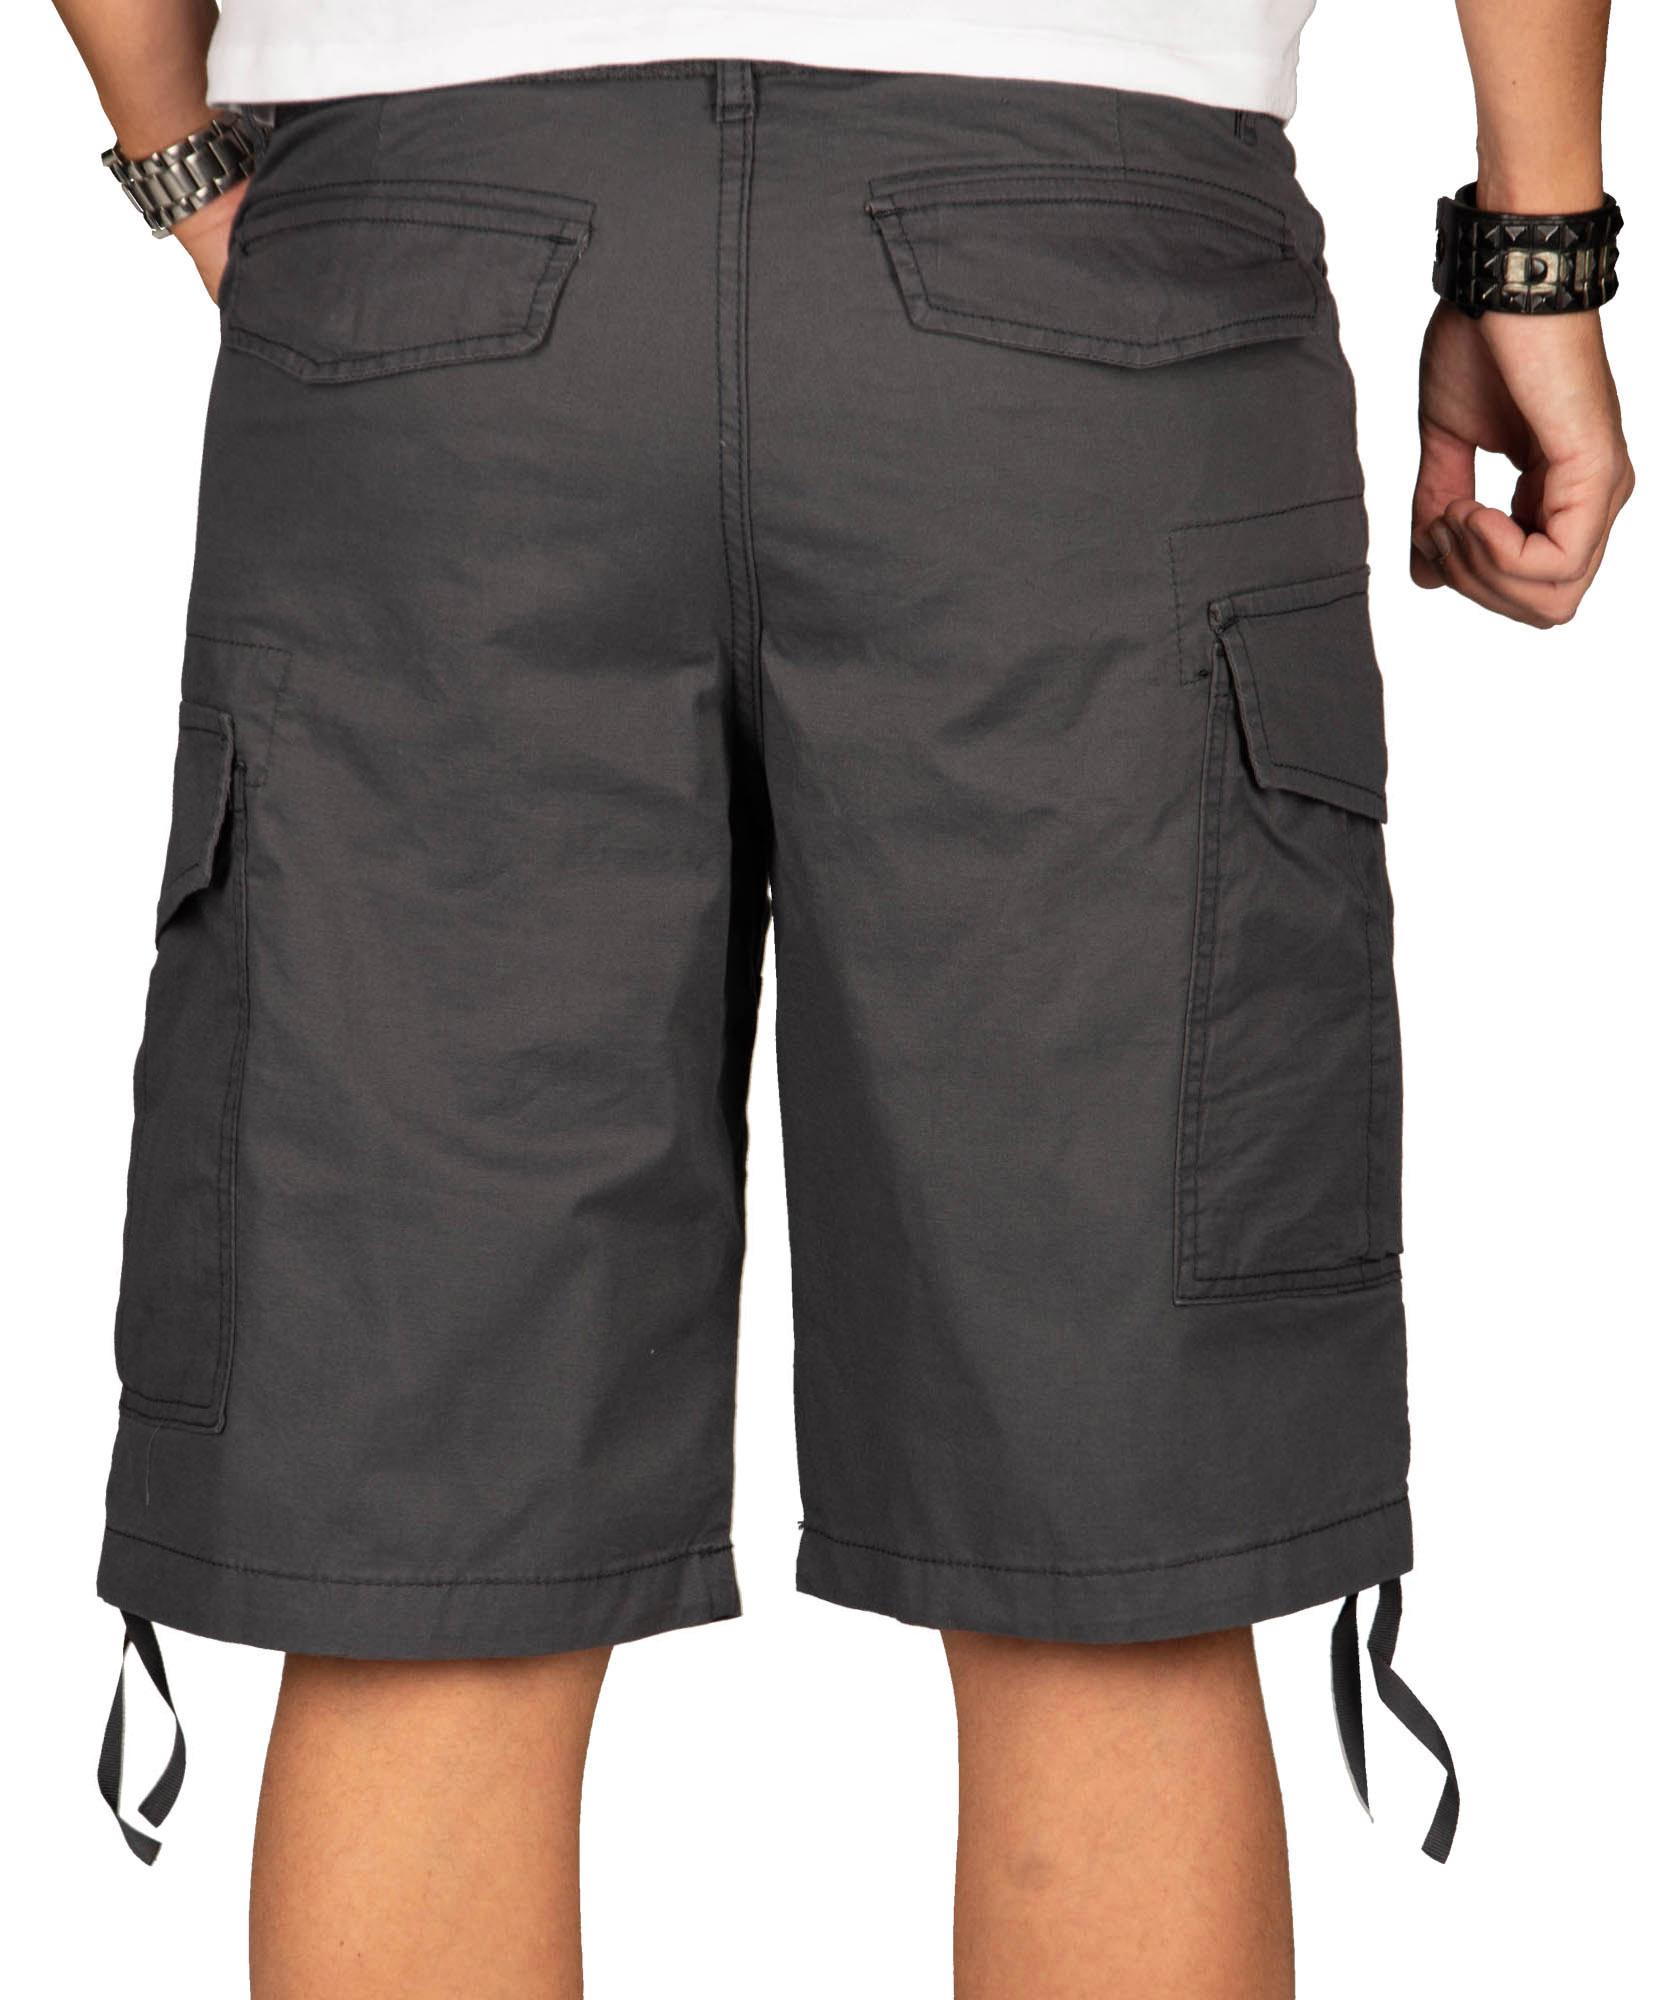 A-Salvarini-Herren-Comfort-Cargo-Shorts-Cargoshorts-kurze-Hose-Guertel-AS133-NEU Indexbild 9